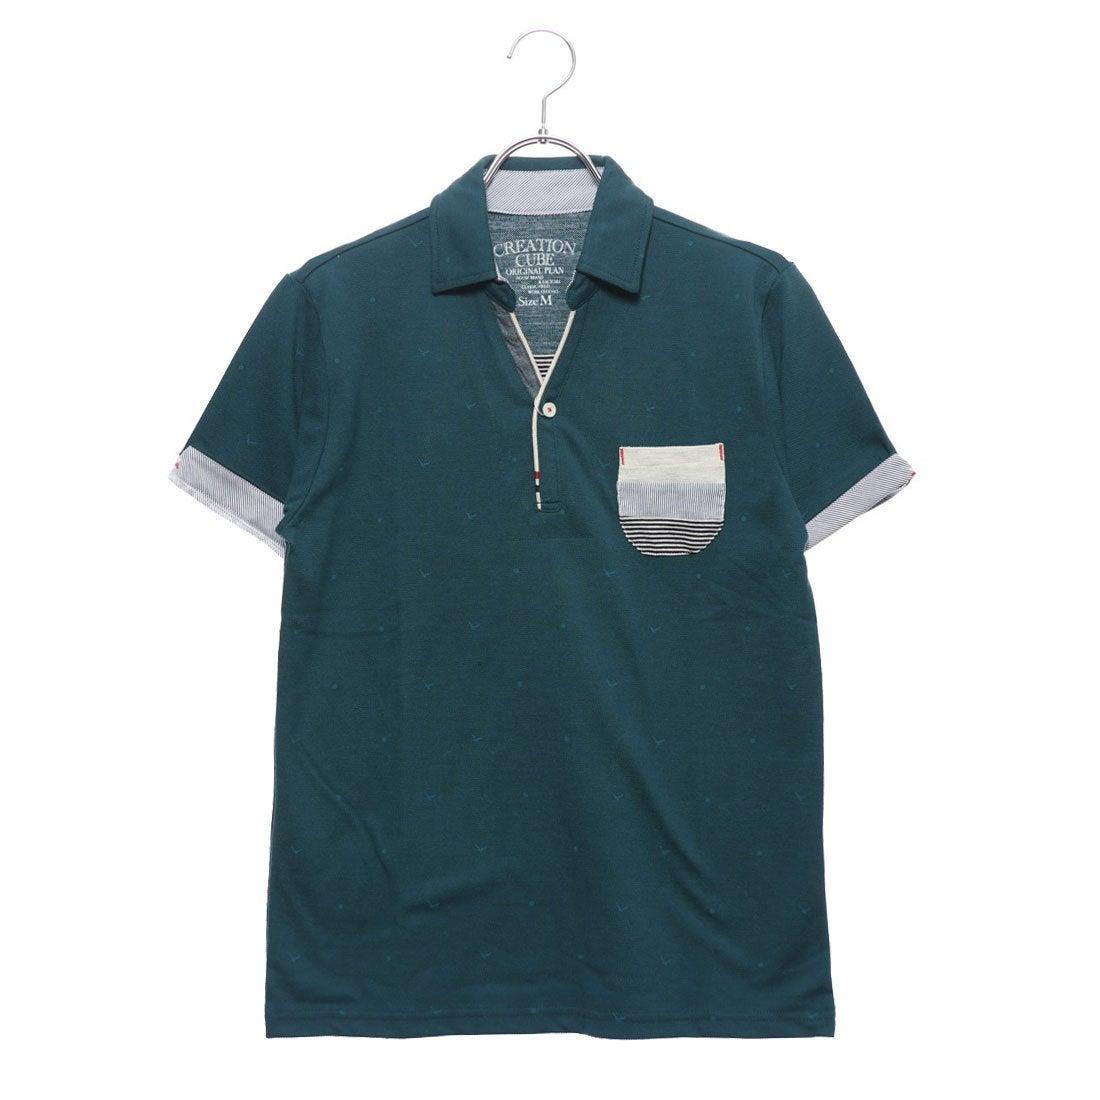 ロコンド 靴とファッションの通販サイトスタイルブロックSTYLEBLOCKカノコカモメプリントスキッパーポロシャツ(ブルーグリーン)